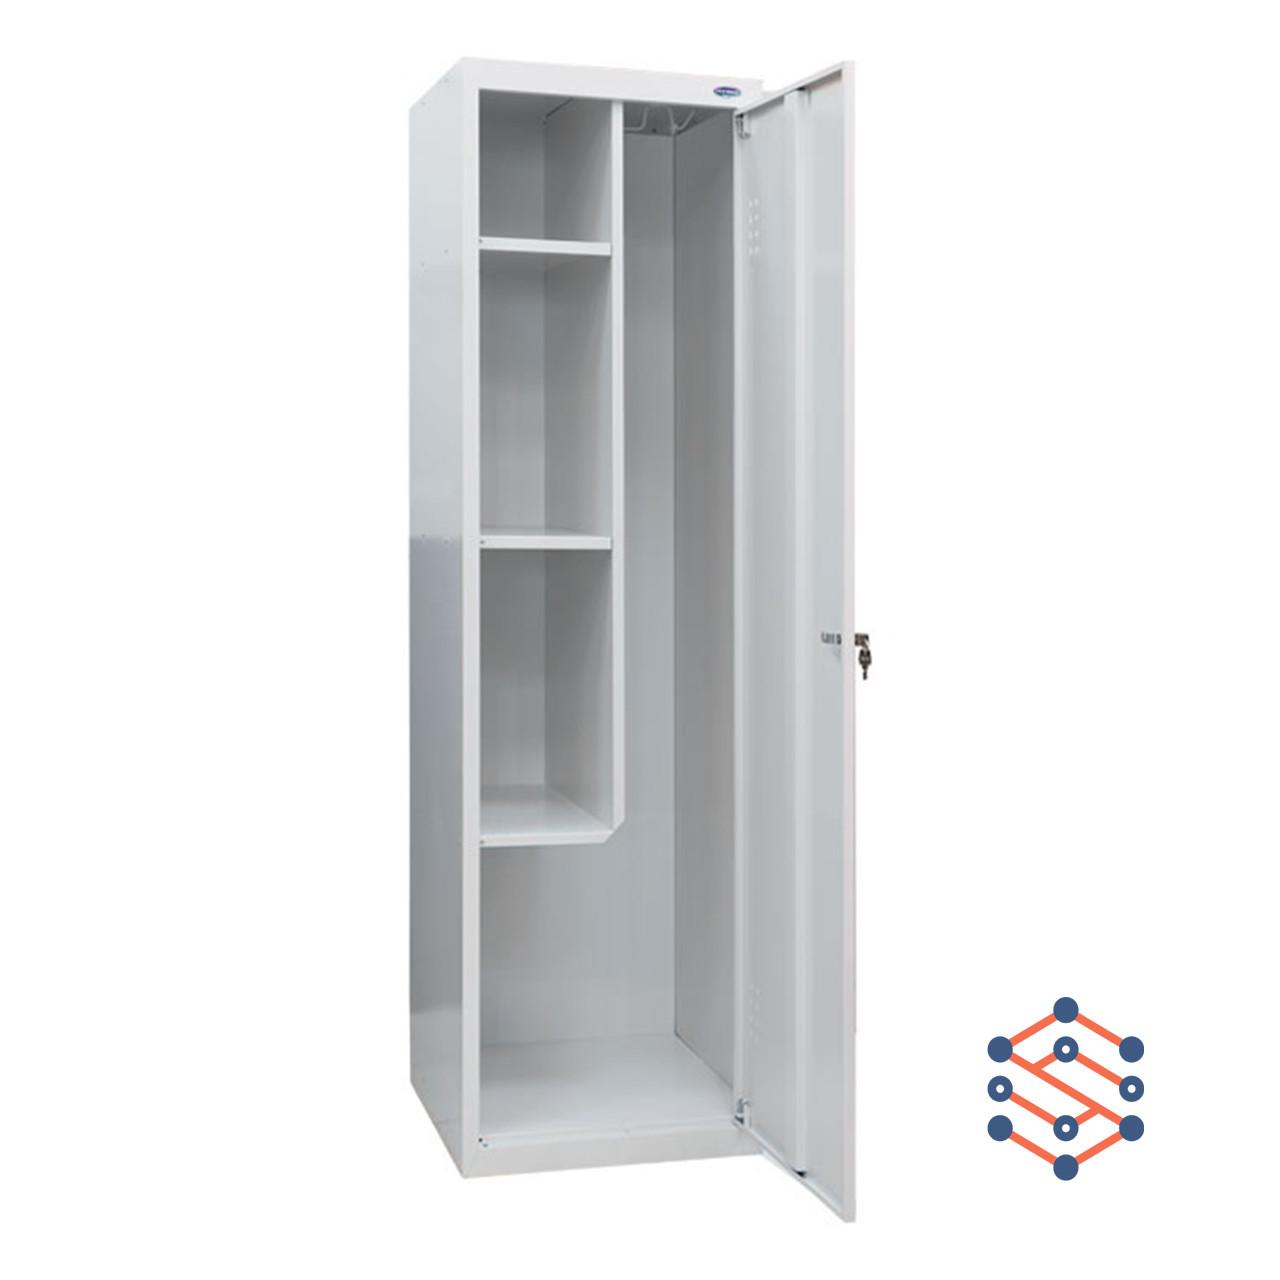 Хозяйственный шкаф ШМХ-500/1